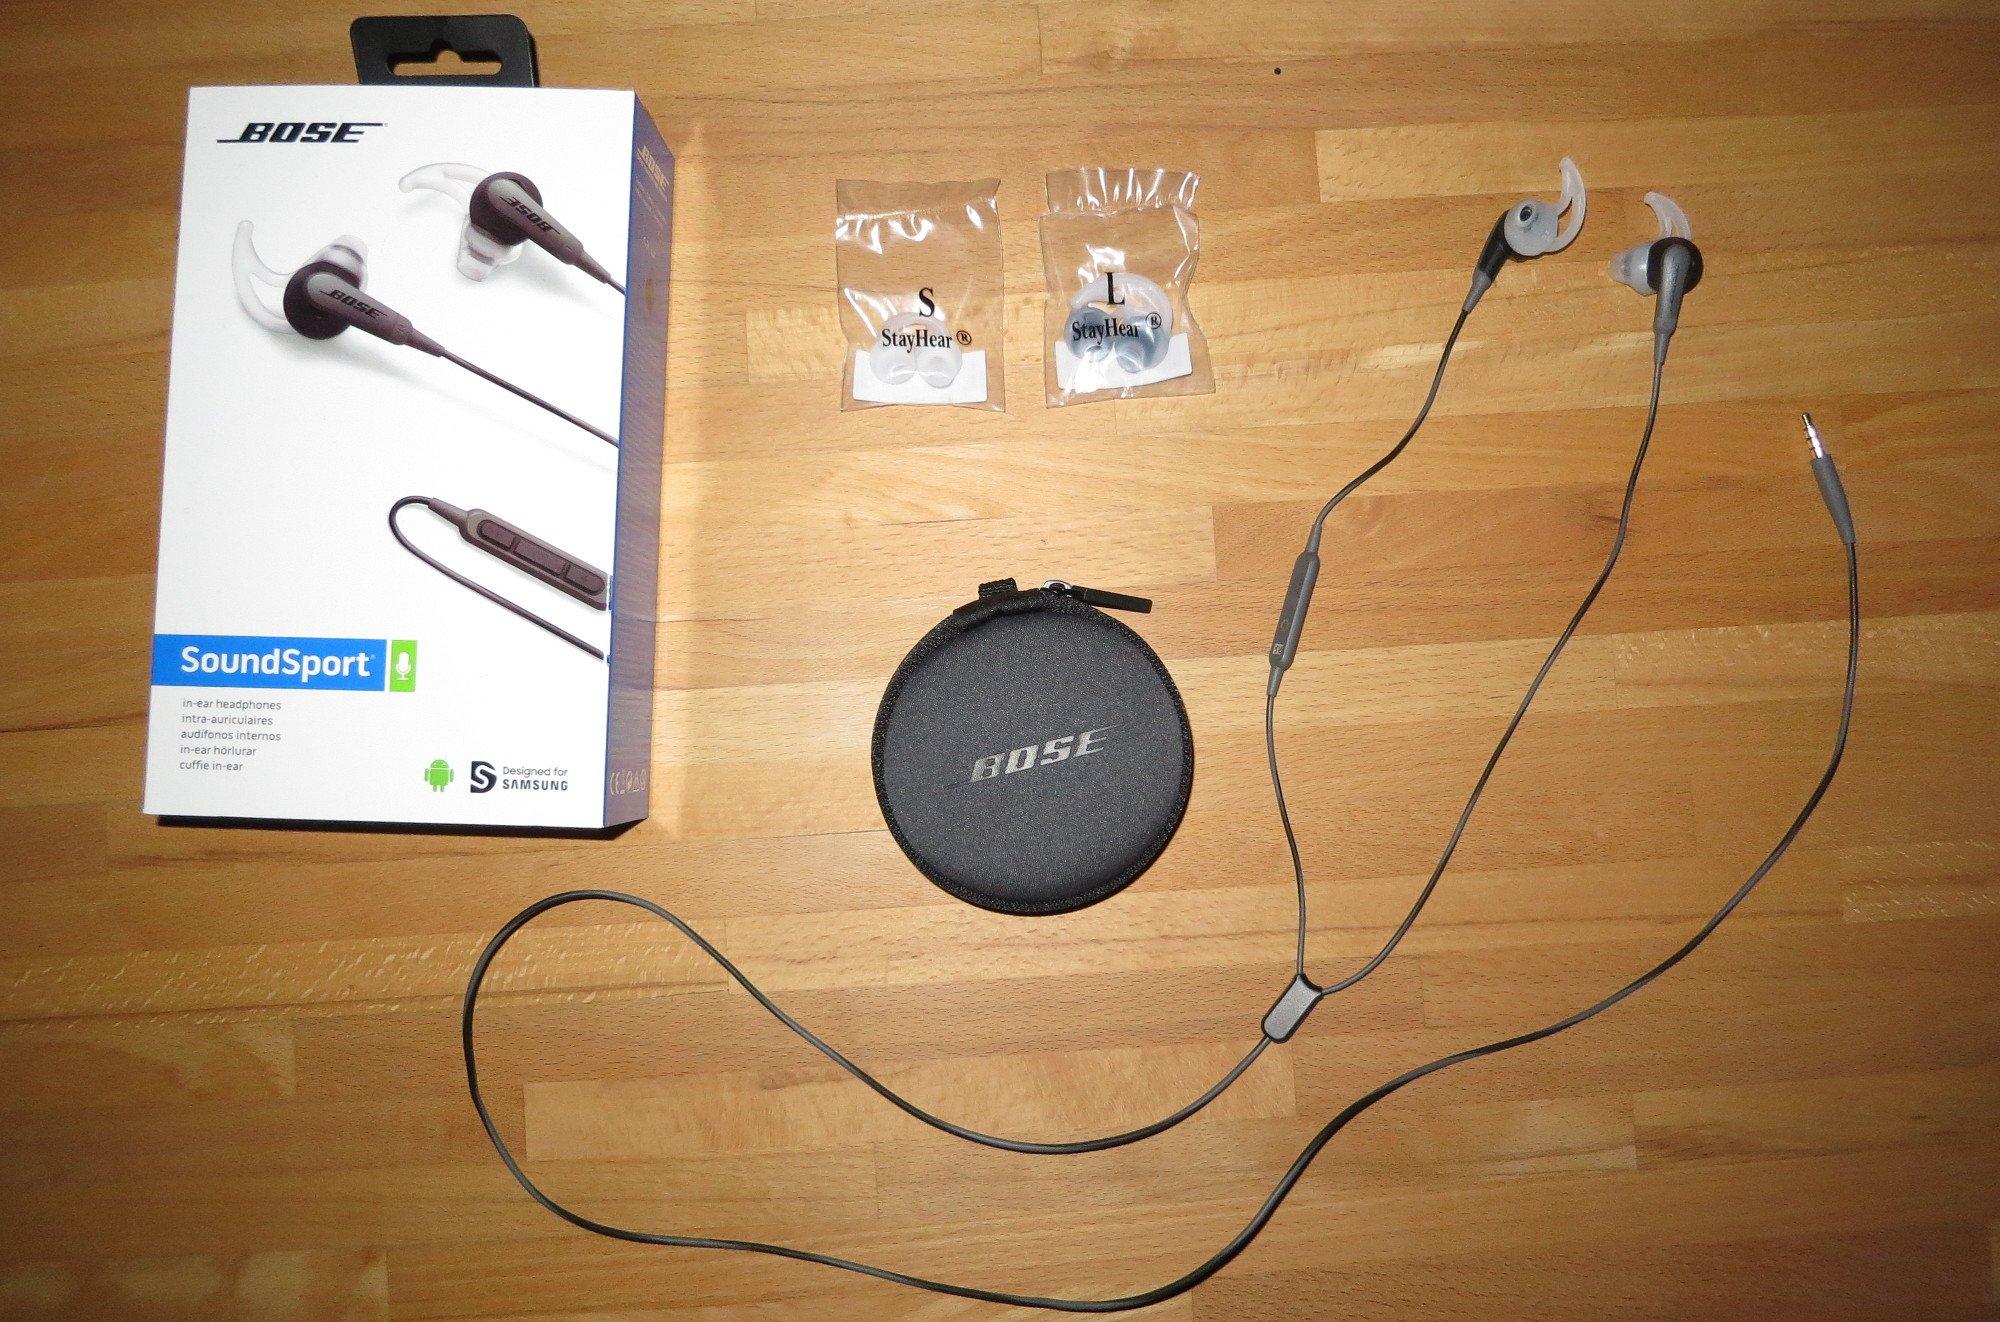 Der Kopfhörer Bose SoundSport wird mit Earbuds in mehreren Größen und mit einer Tragetasche geliefert (Bild: Peter Giesecke)